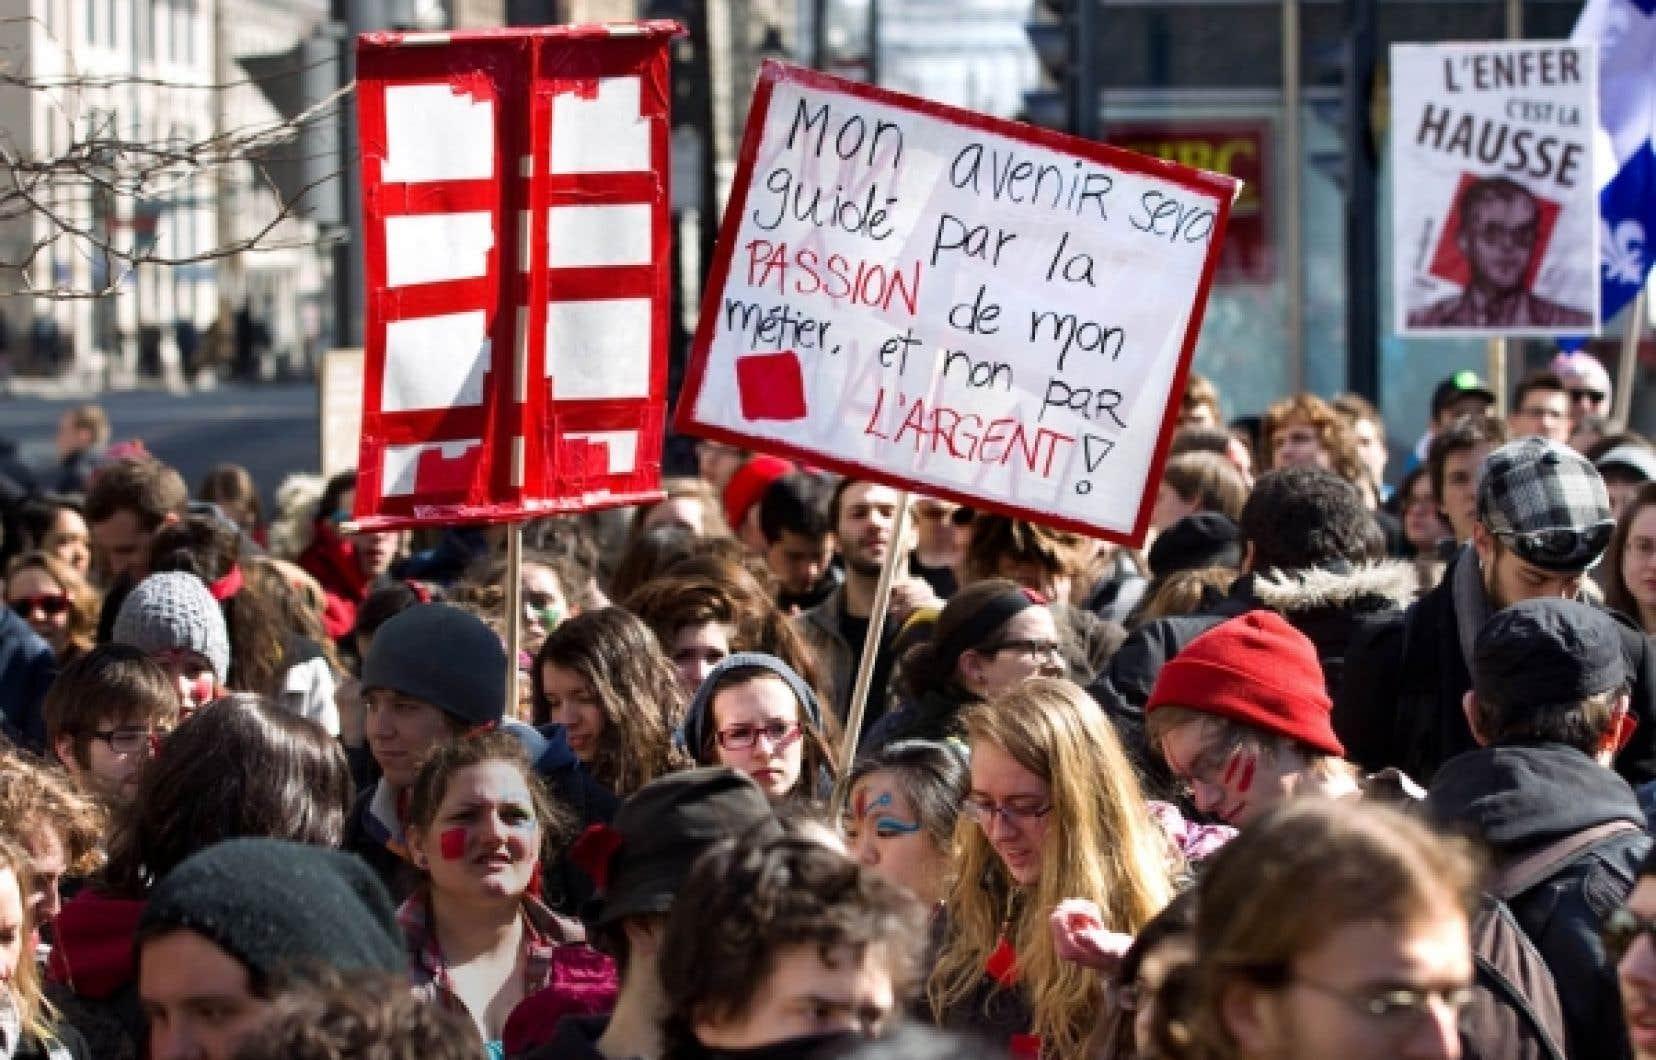 L'IRIS rappelle que le gouvernement du Québec défend la hausse des droits de scolarité en les présentant comme un investissement, «exactement le discours qu'on avait lors de la dernière crise économique avec les subprimes». Sur notre photo, des étudiants manifestent à Montréal contre la hausse des droits de scolarité. <br />